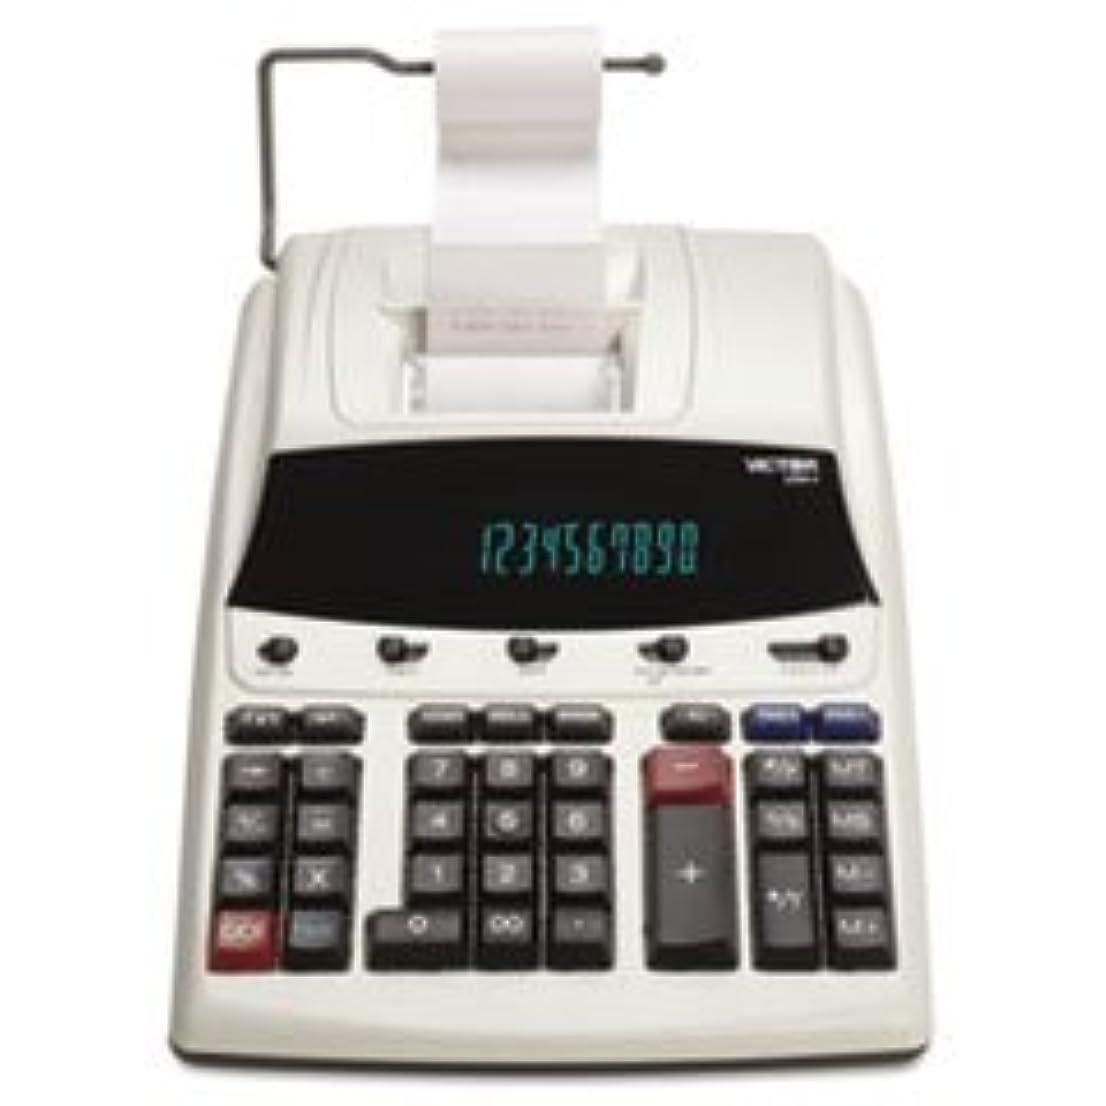 債務独立してシエスタ1230?–?4蛍光表示印刷電卓、ブラック/レッド印刷、3線/ sec by : Victor